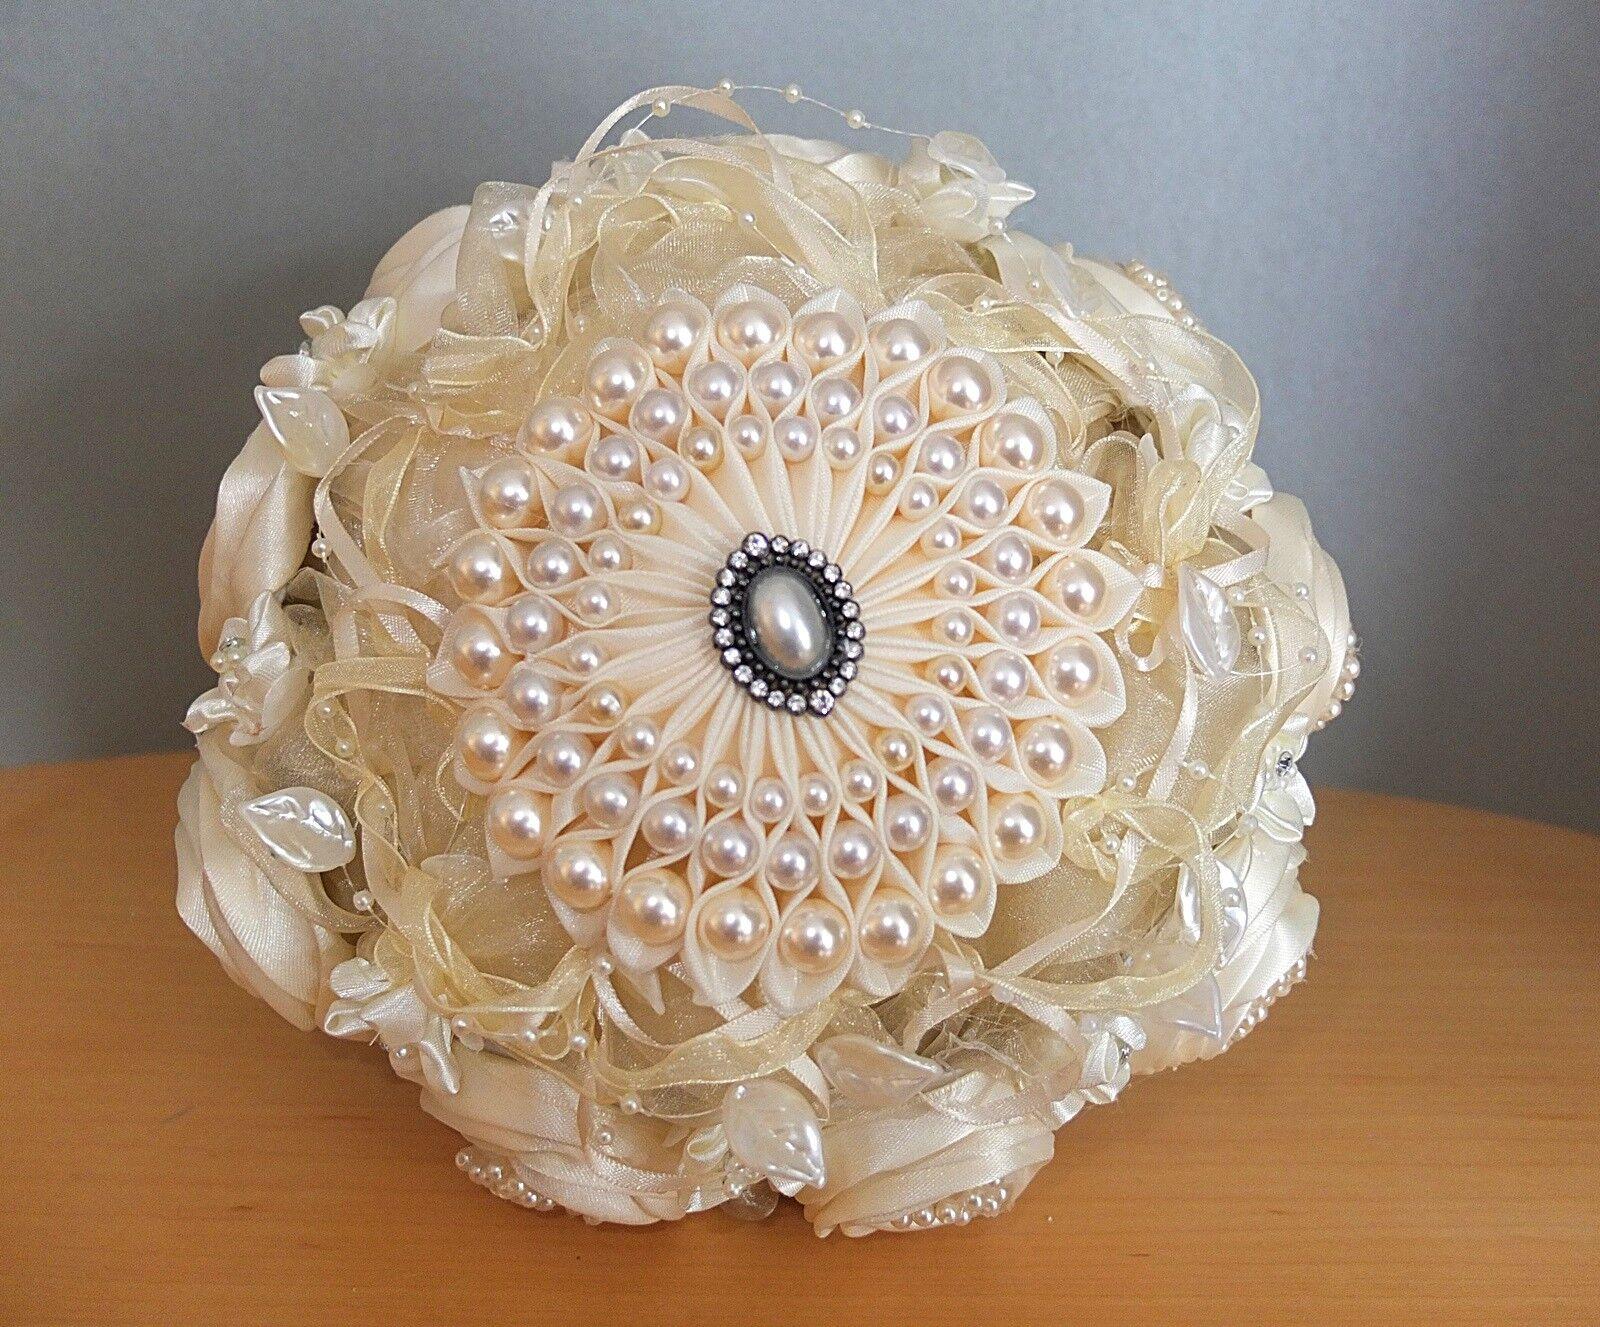 Handgemachter Blaumenstrauß Brautstrauß natur champagner Tüll Perlen Hochzeit    Für Ihre Wahl    Angemessener Preis    Bekannt für seine schöne Qualität